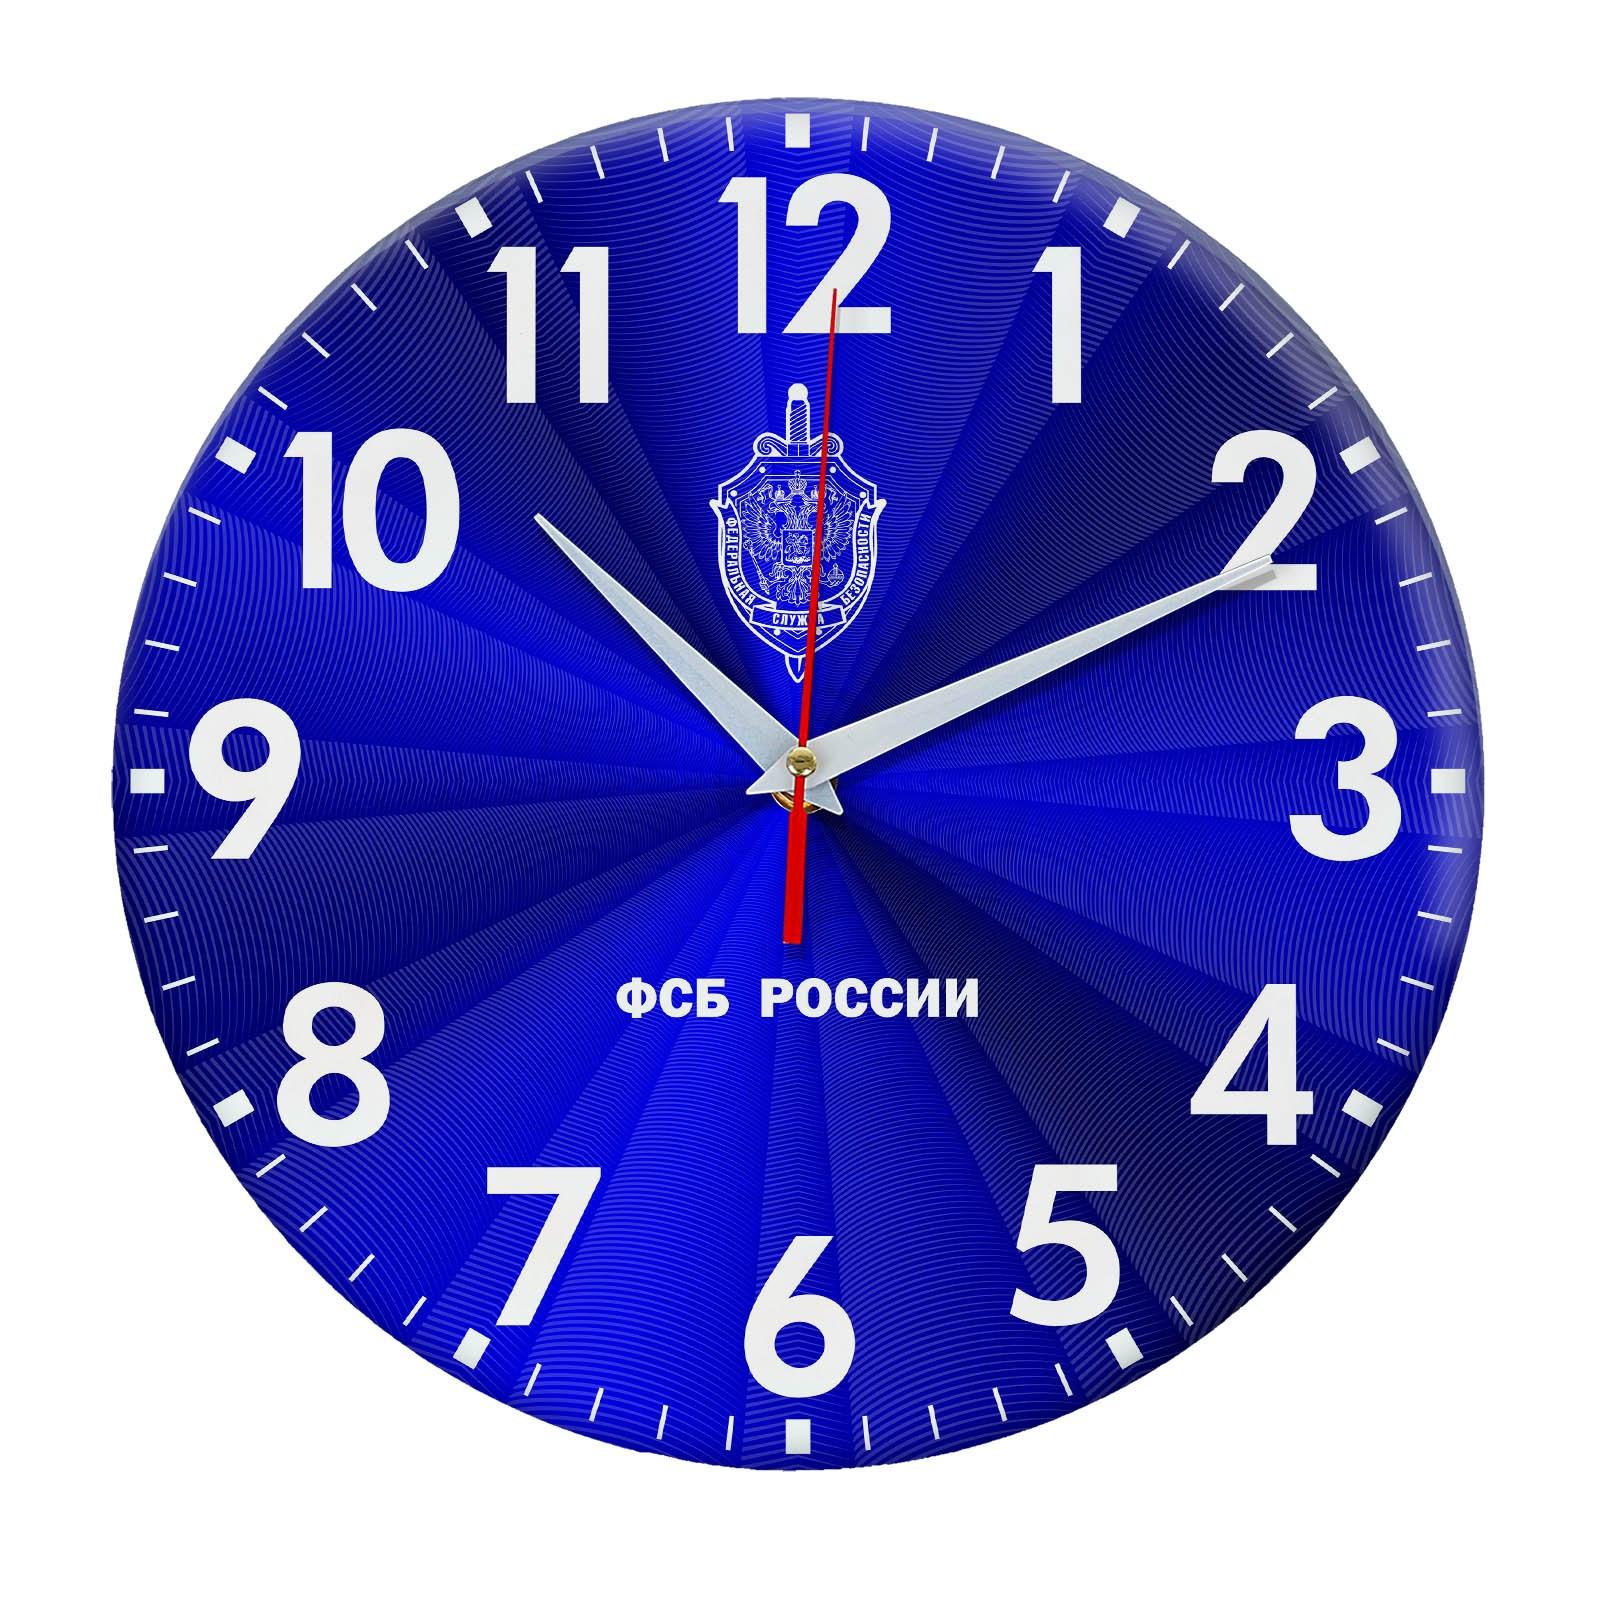 Синие настенные часы ФСБ